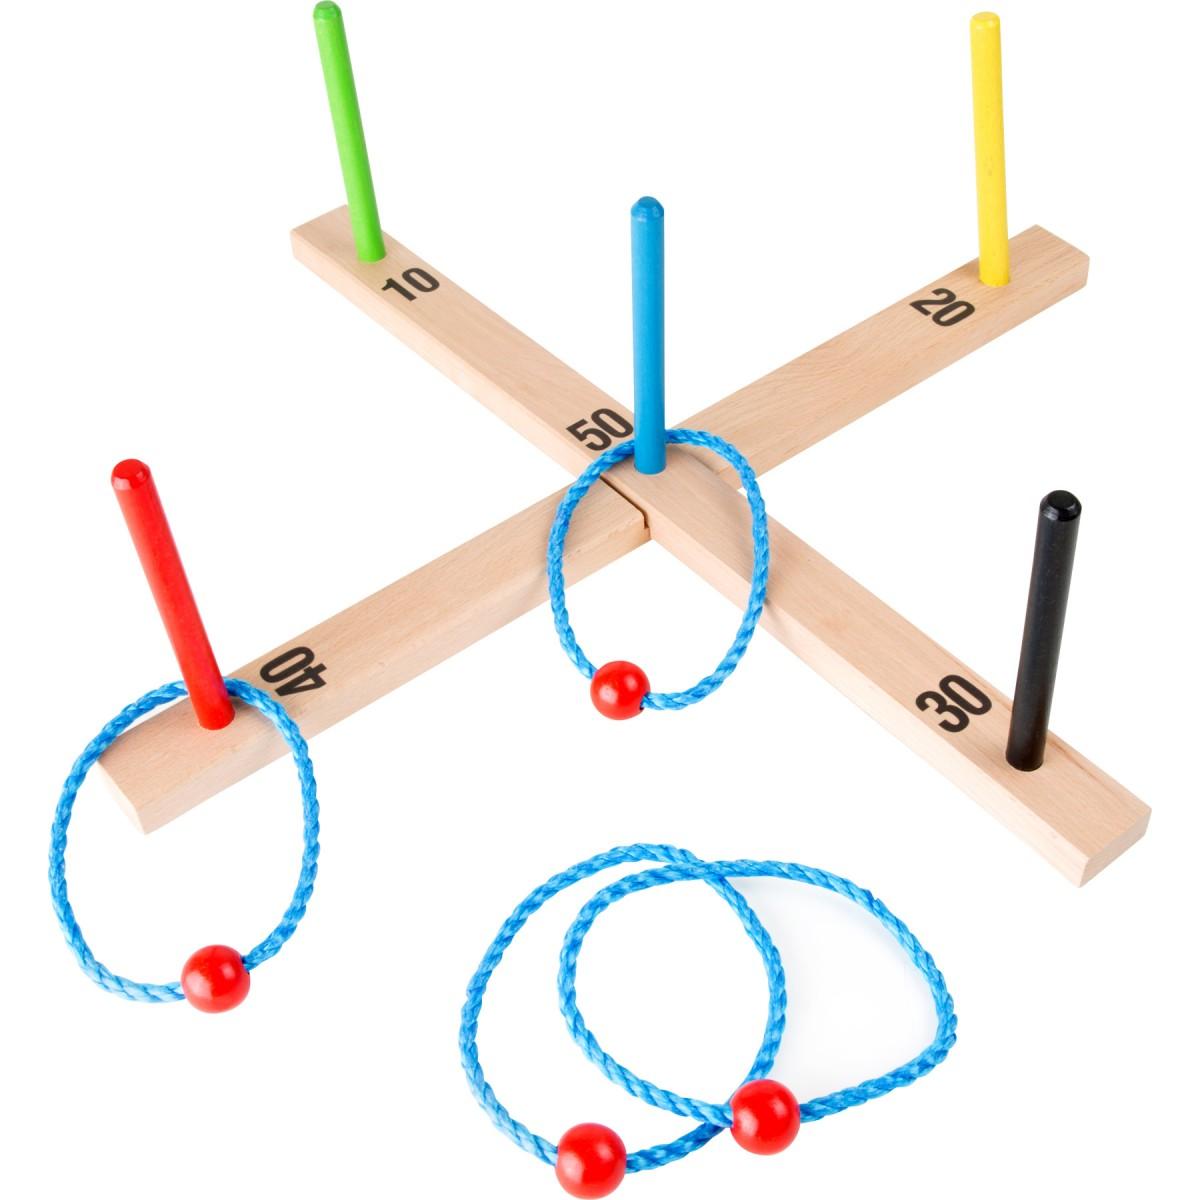 """Ringwurfspiel """"Bunt"""" vier geflochtene Ringe sollen für viele Punkte über die Stäbe geworfen werden."""